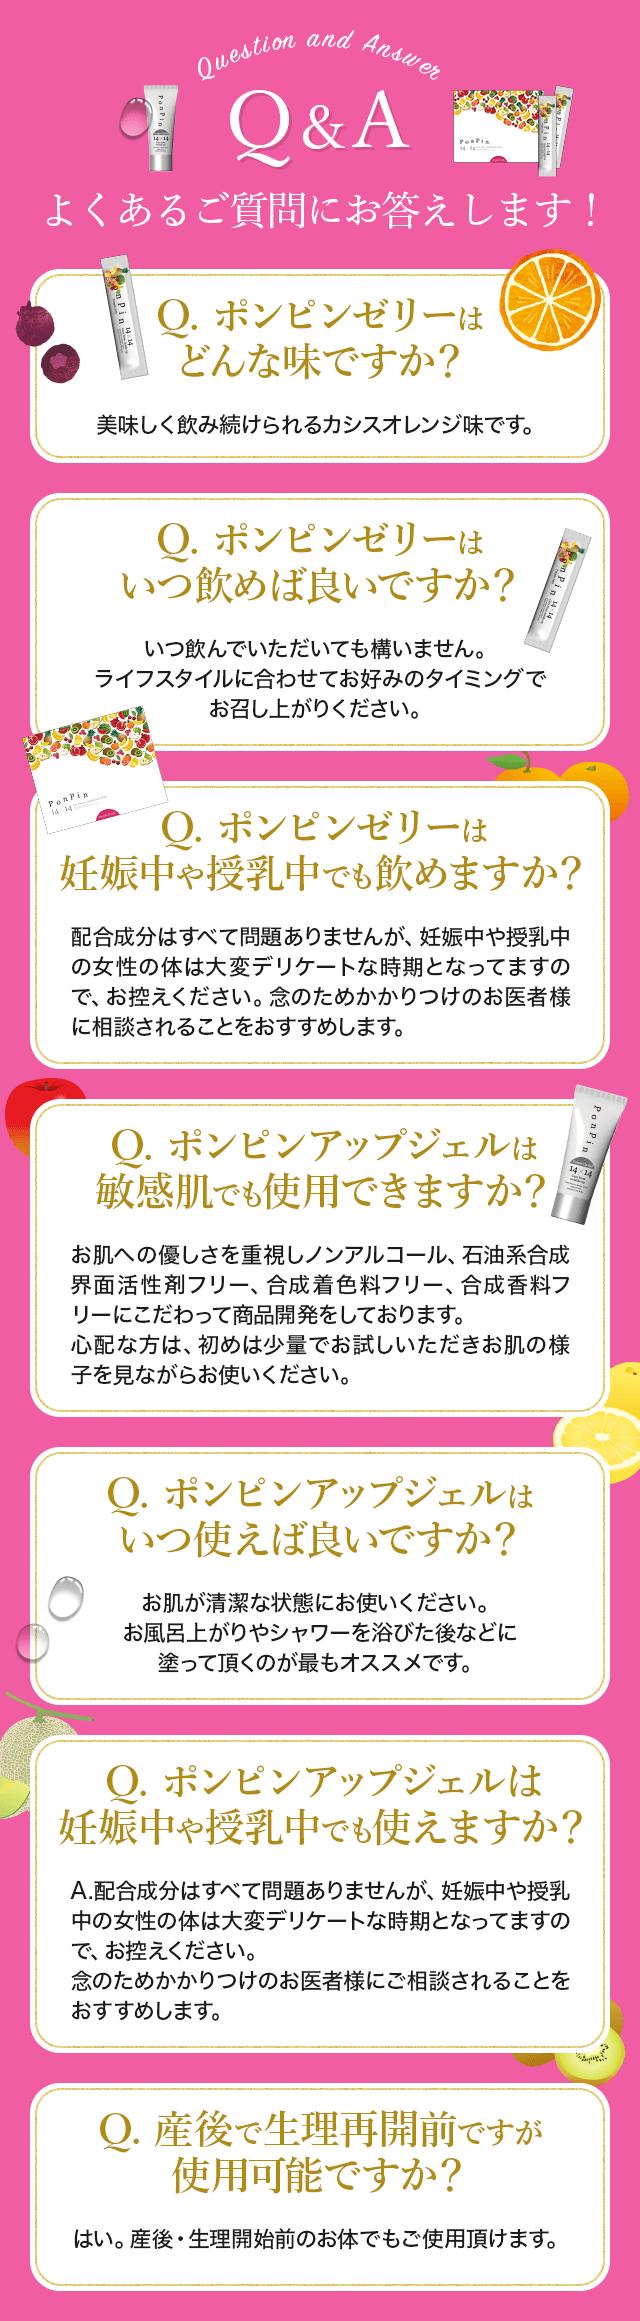 Q&Aよくあるご質問にお答えします!